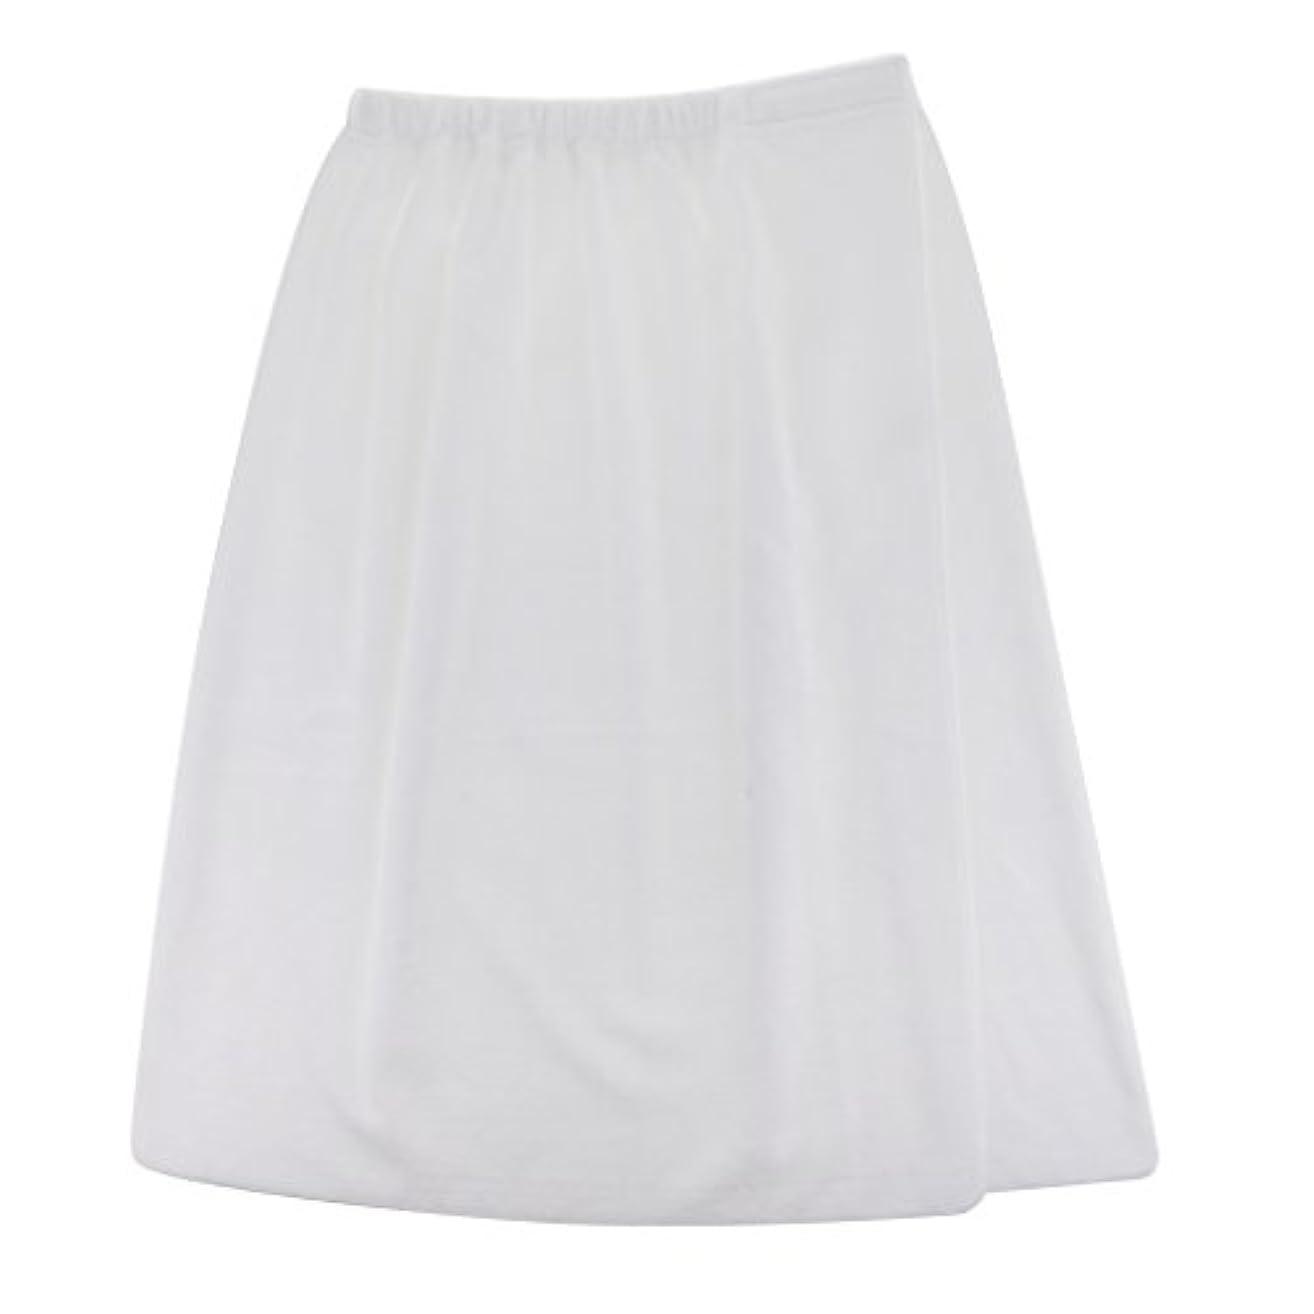 相関する気づく一時停止タオルラップ 女性 吸収性 マイクロファイバー シャワー スパ ボディラップ バスタオル 140x72cm 2色選べる - 白